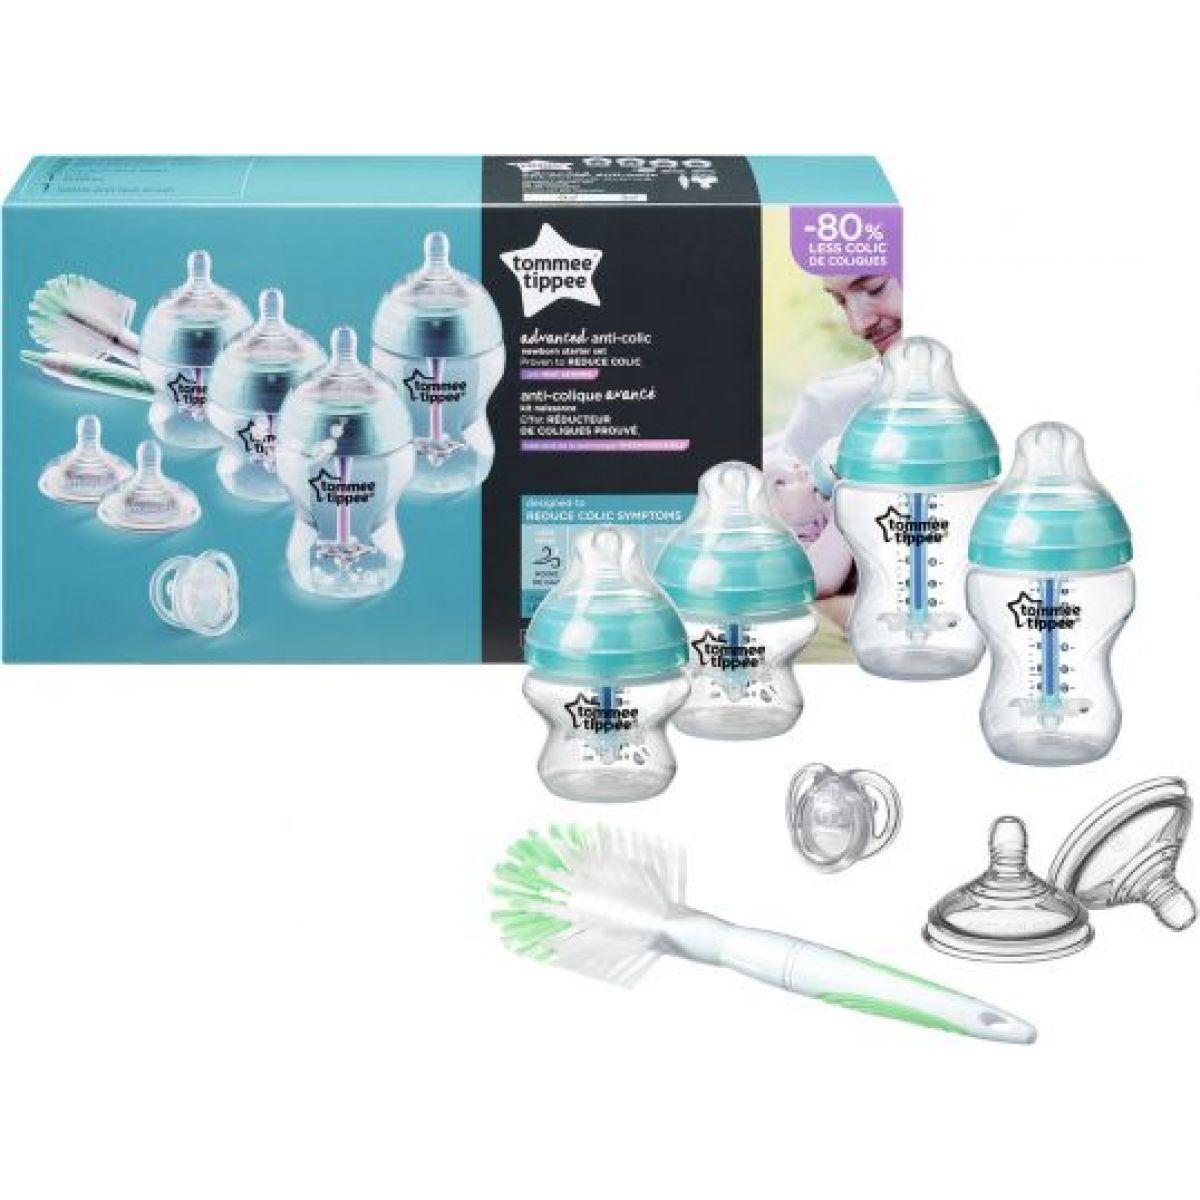 Tommee Tippee Sada dojčenských fľaštičiek C2N Anti-colic s kefou 422609TT